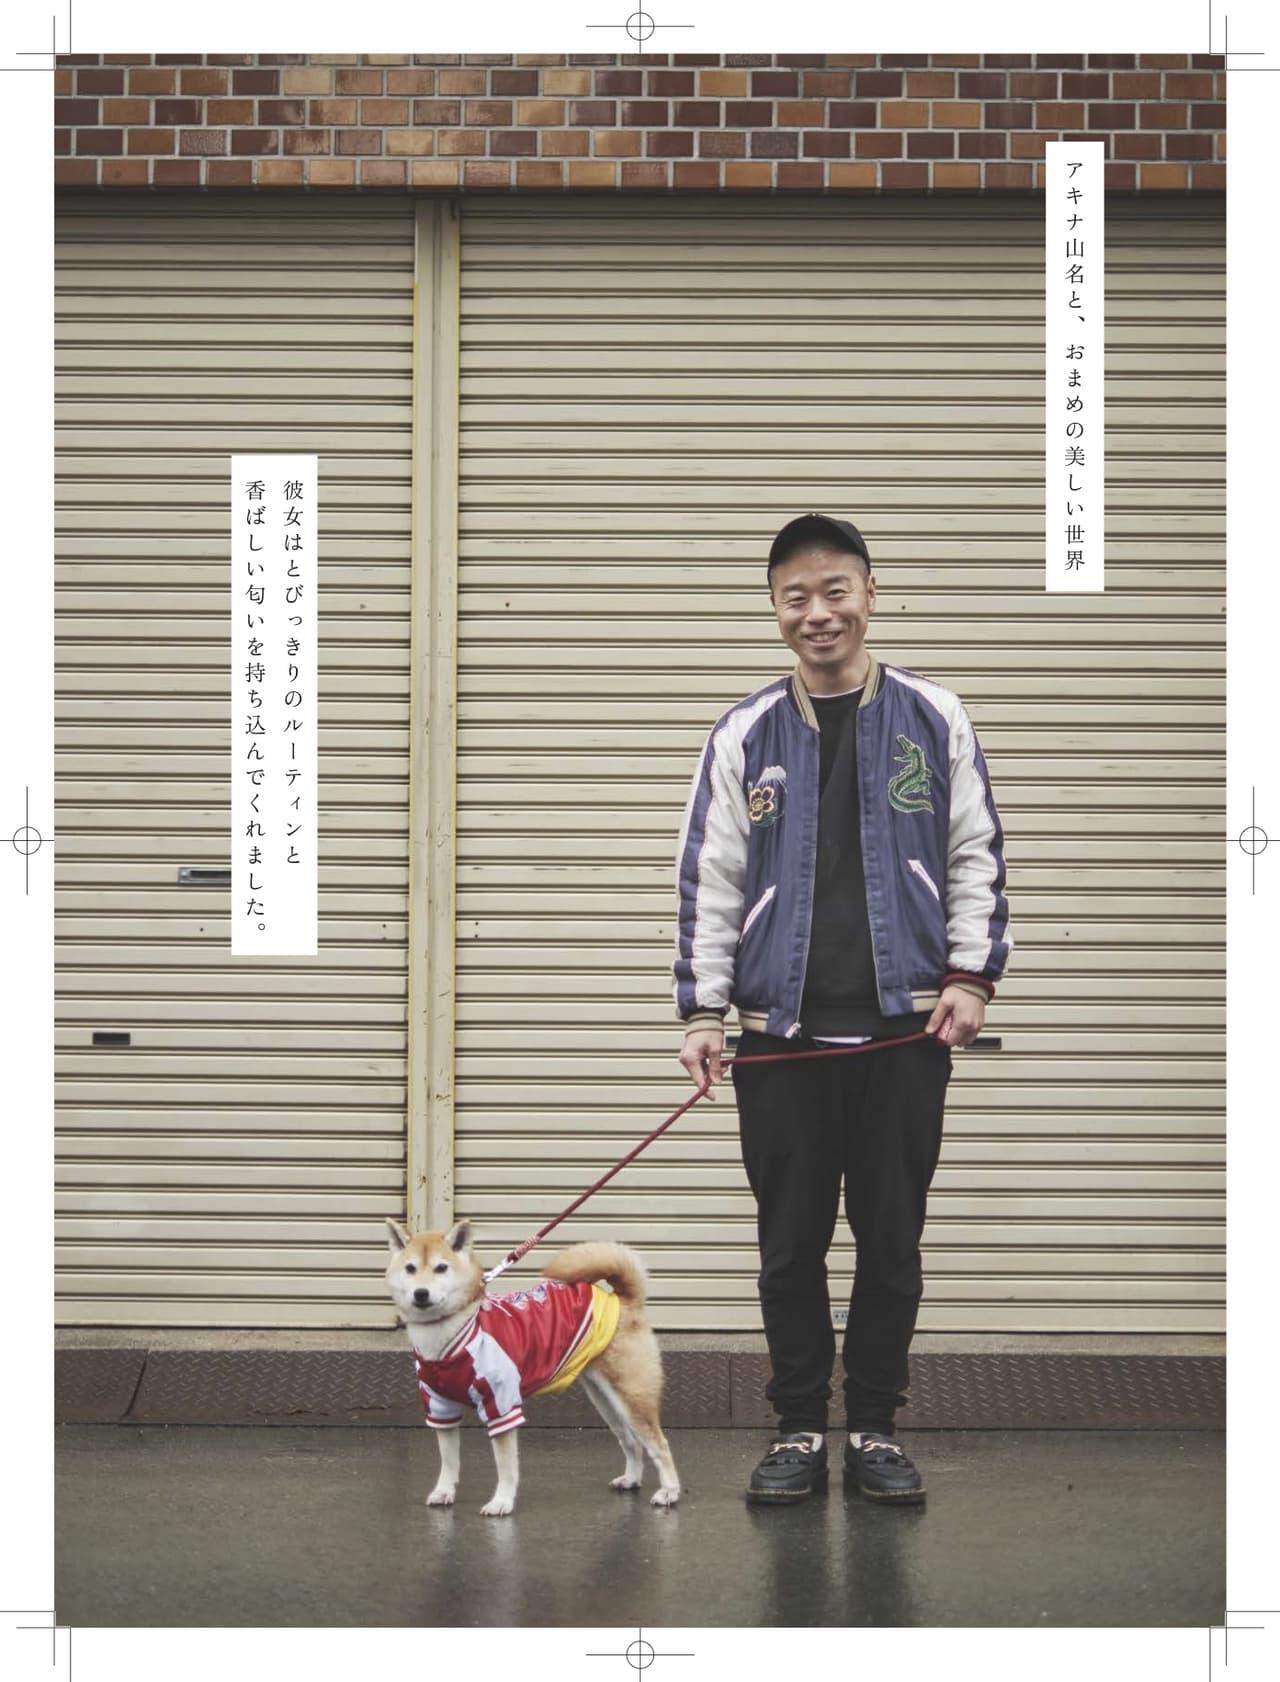 『柴犬ライフ vol.5』〜柴犬ってなんだ?〜の目次画像0